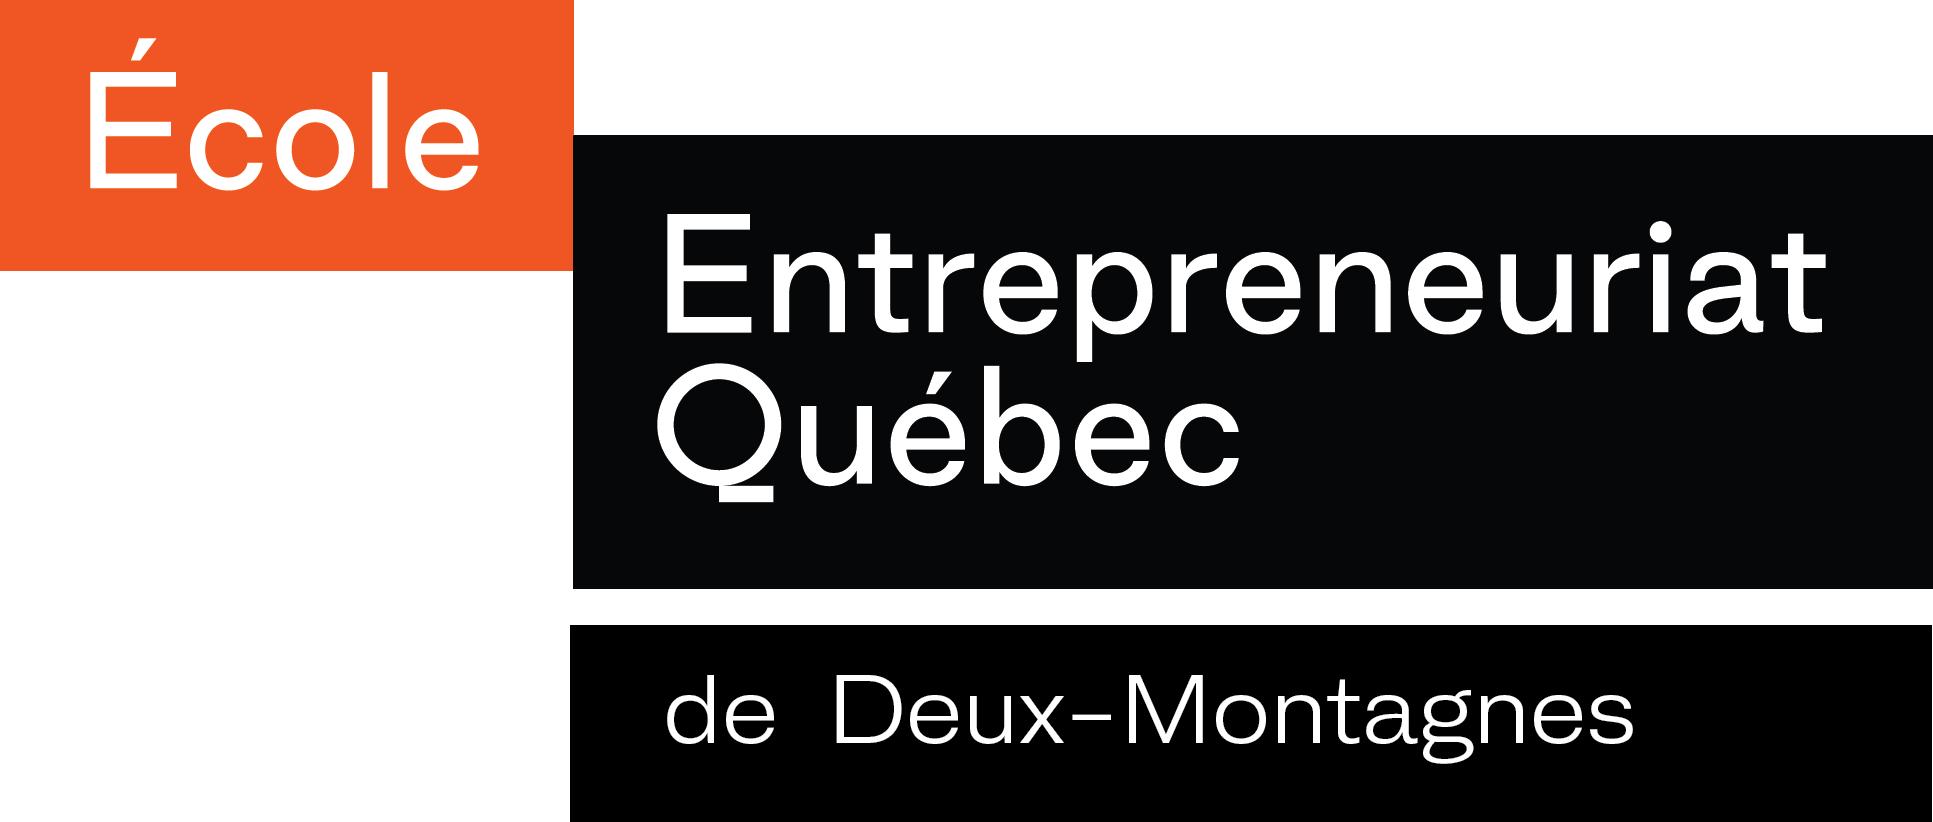 ecole-entrepreneuriat-quebec-deux-montagnes.png